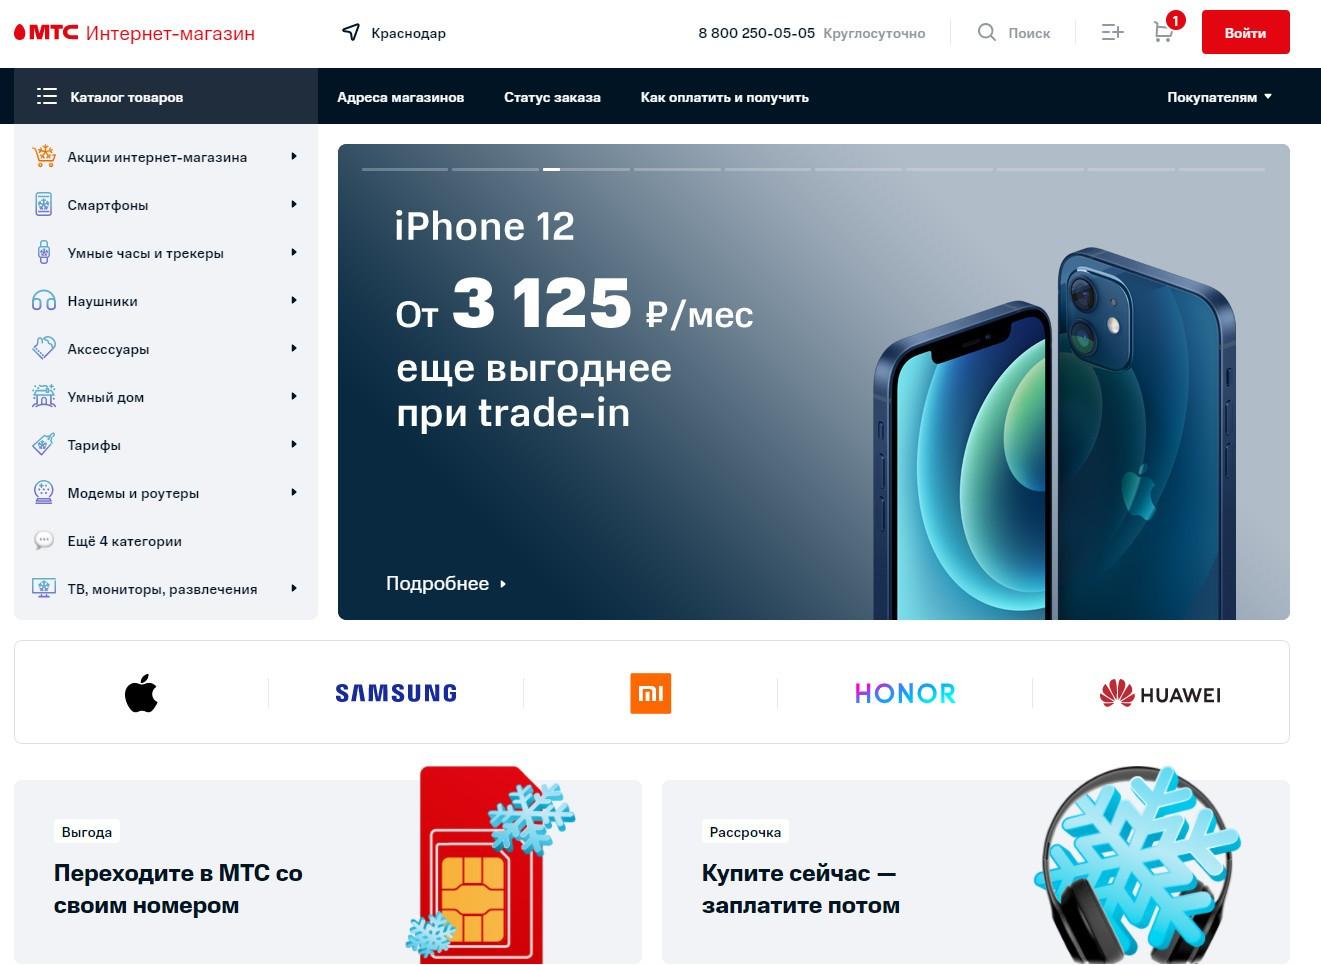 Официальный сайт каталога товаров МТС